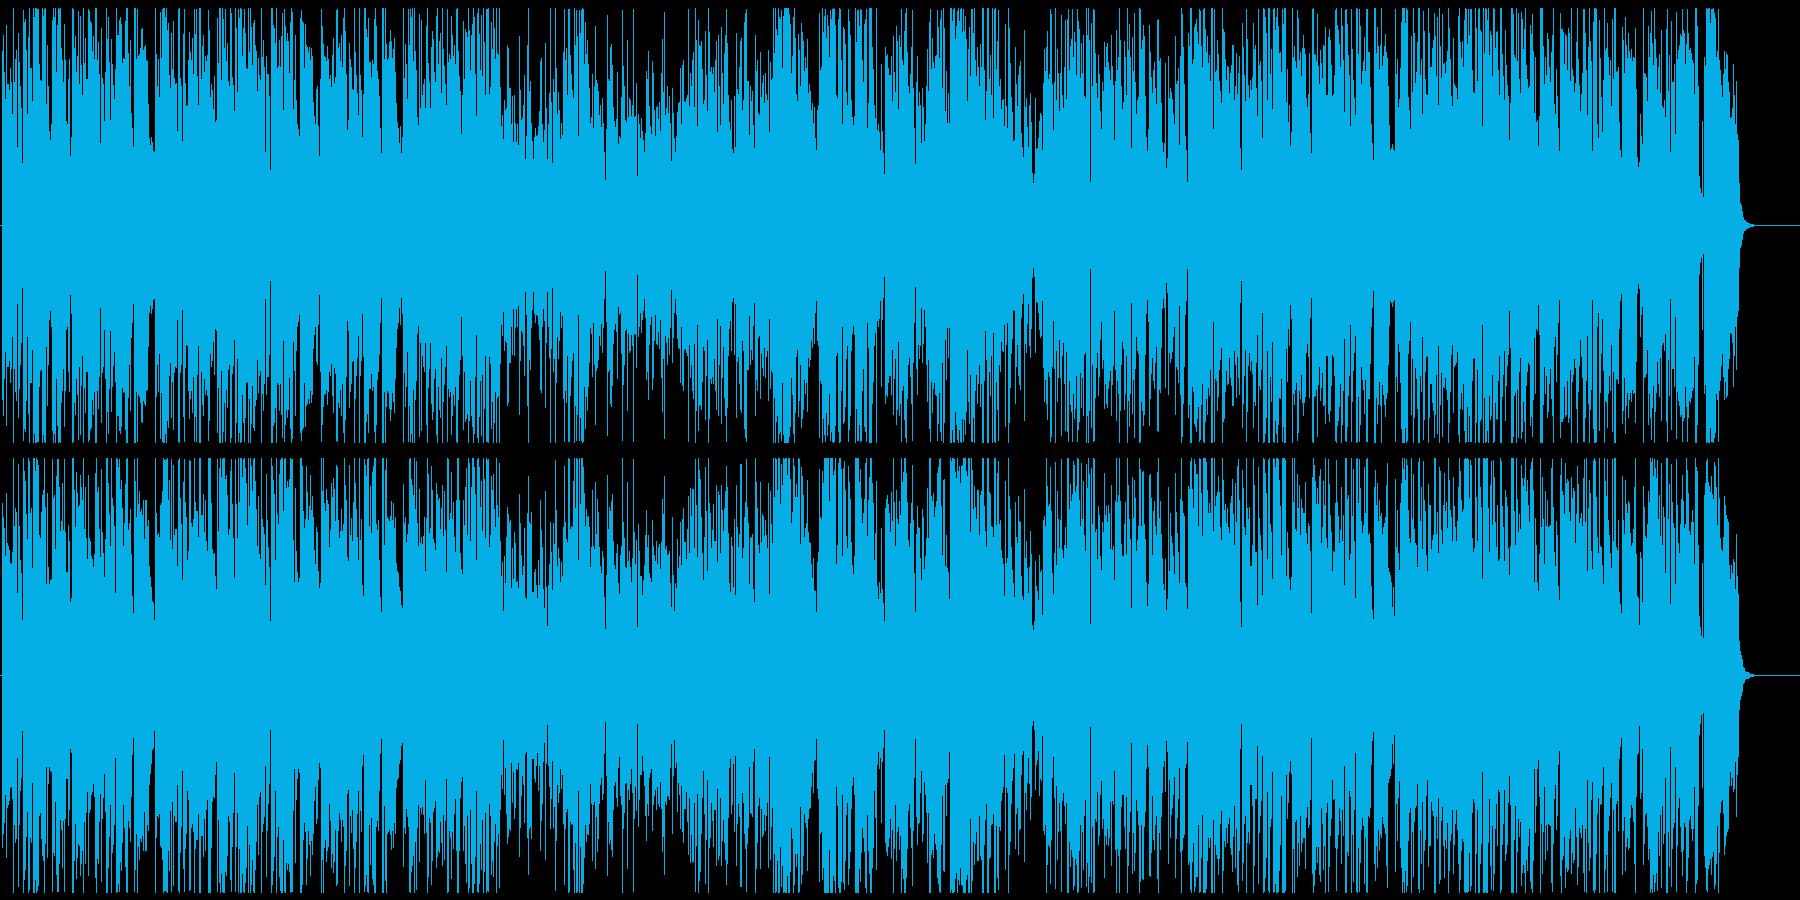 50年代風のジャズブルース サックス生録の再生済みの波形